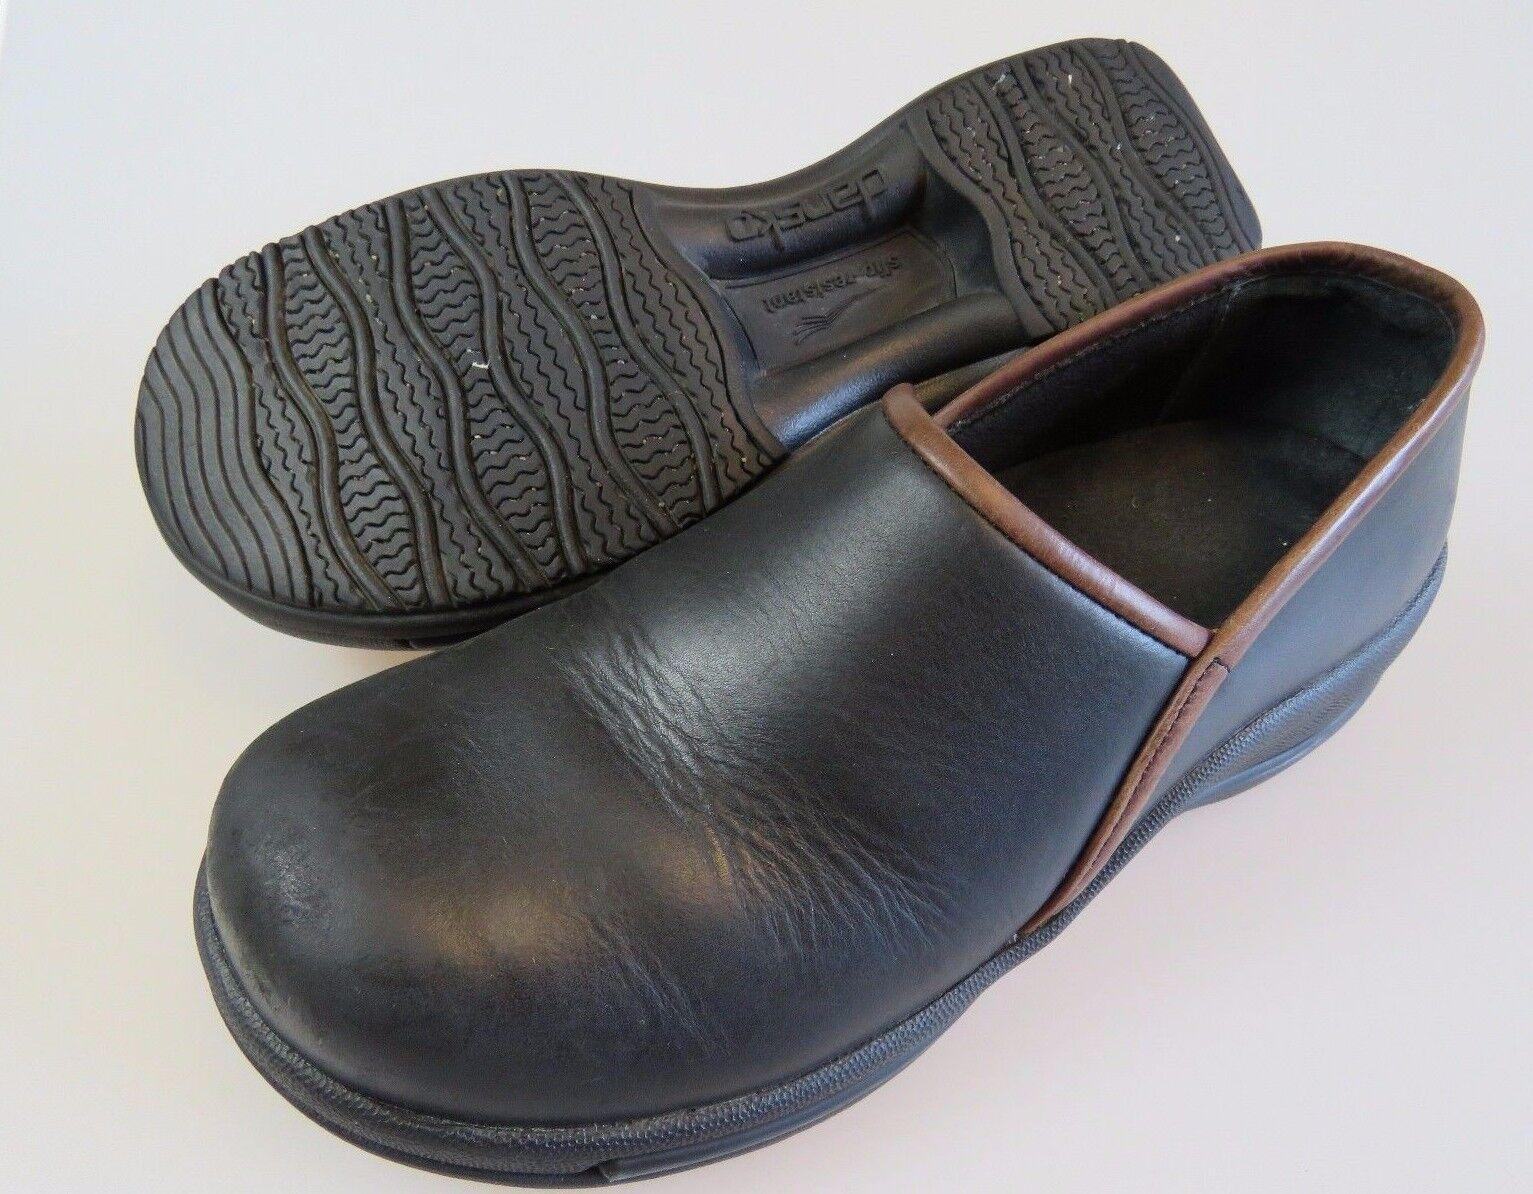 DANSKO Dark Brown/Black Slip Resistant Occupational Shoes Women's US 7.5-8